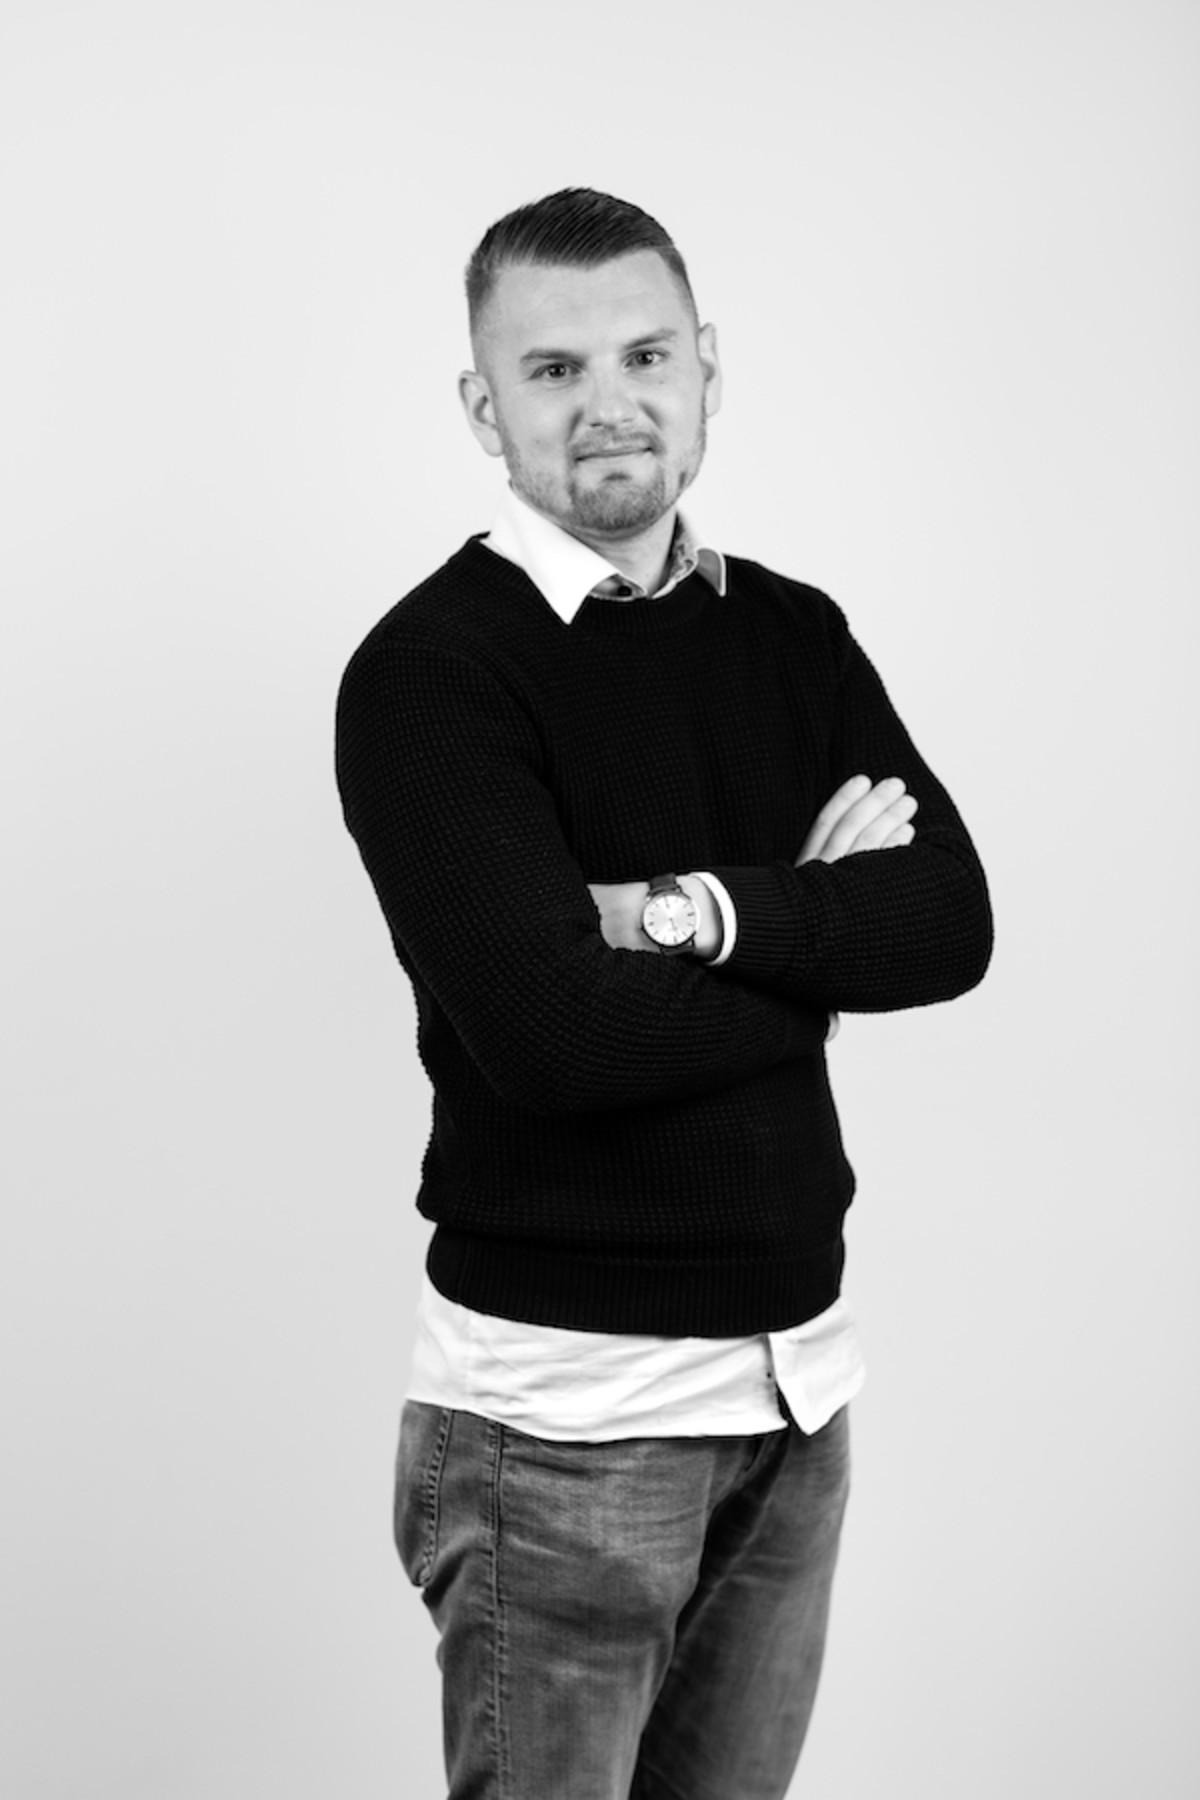 Dimitri Pjatnizki